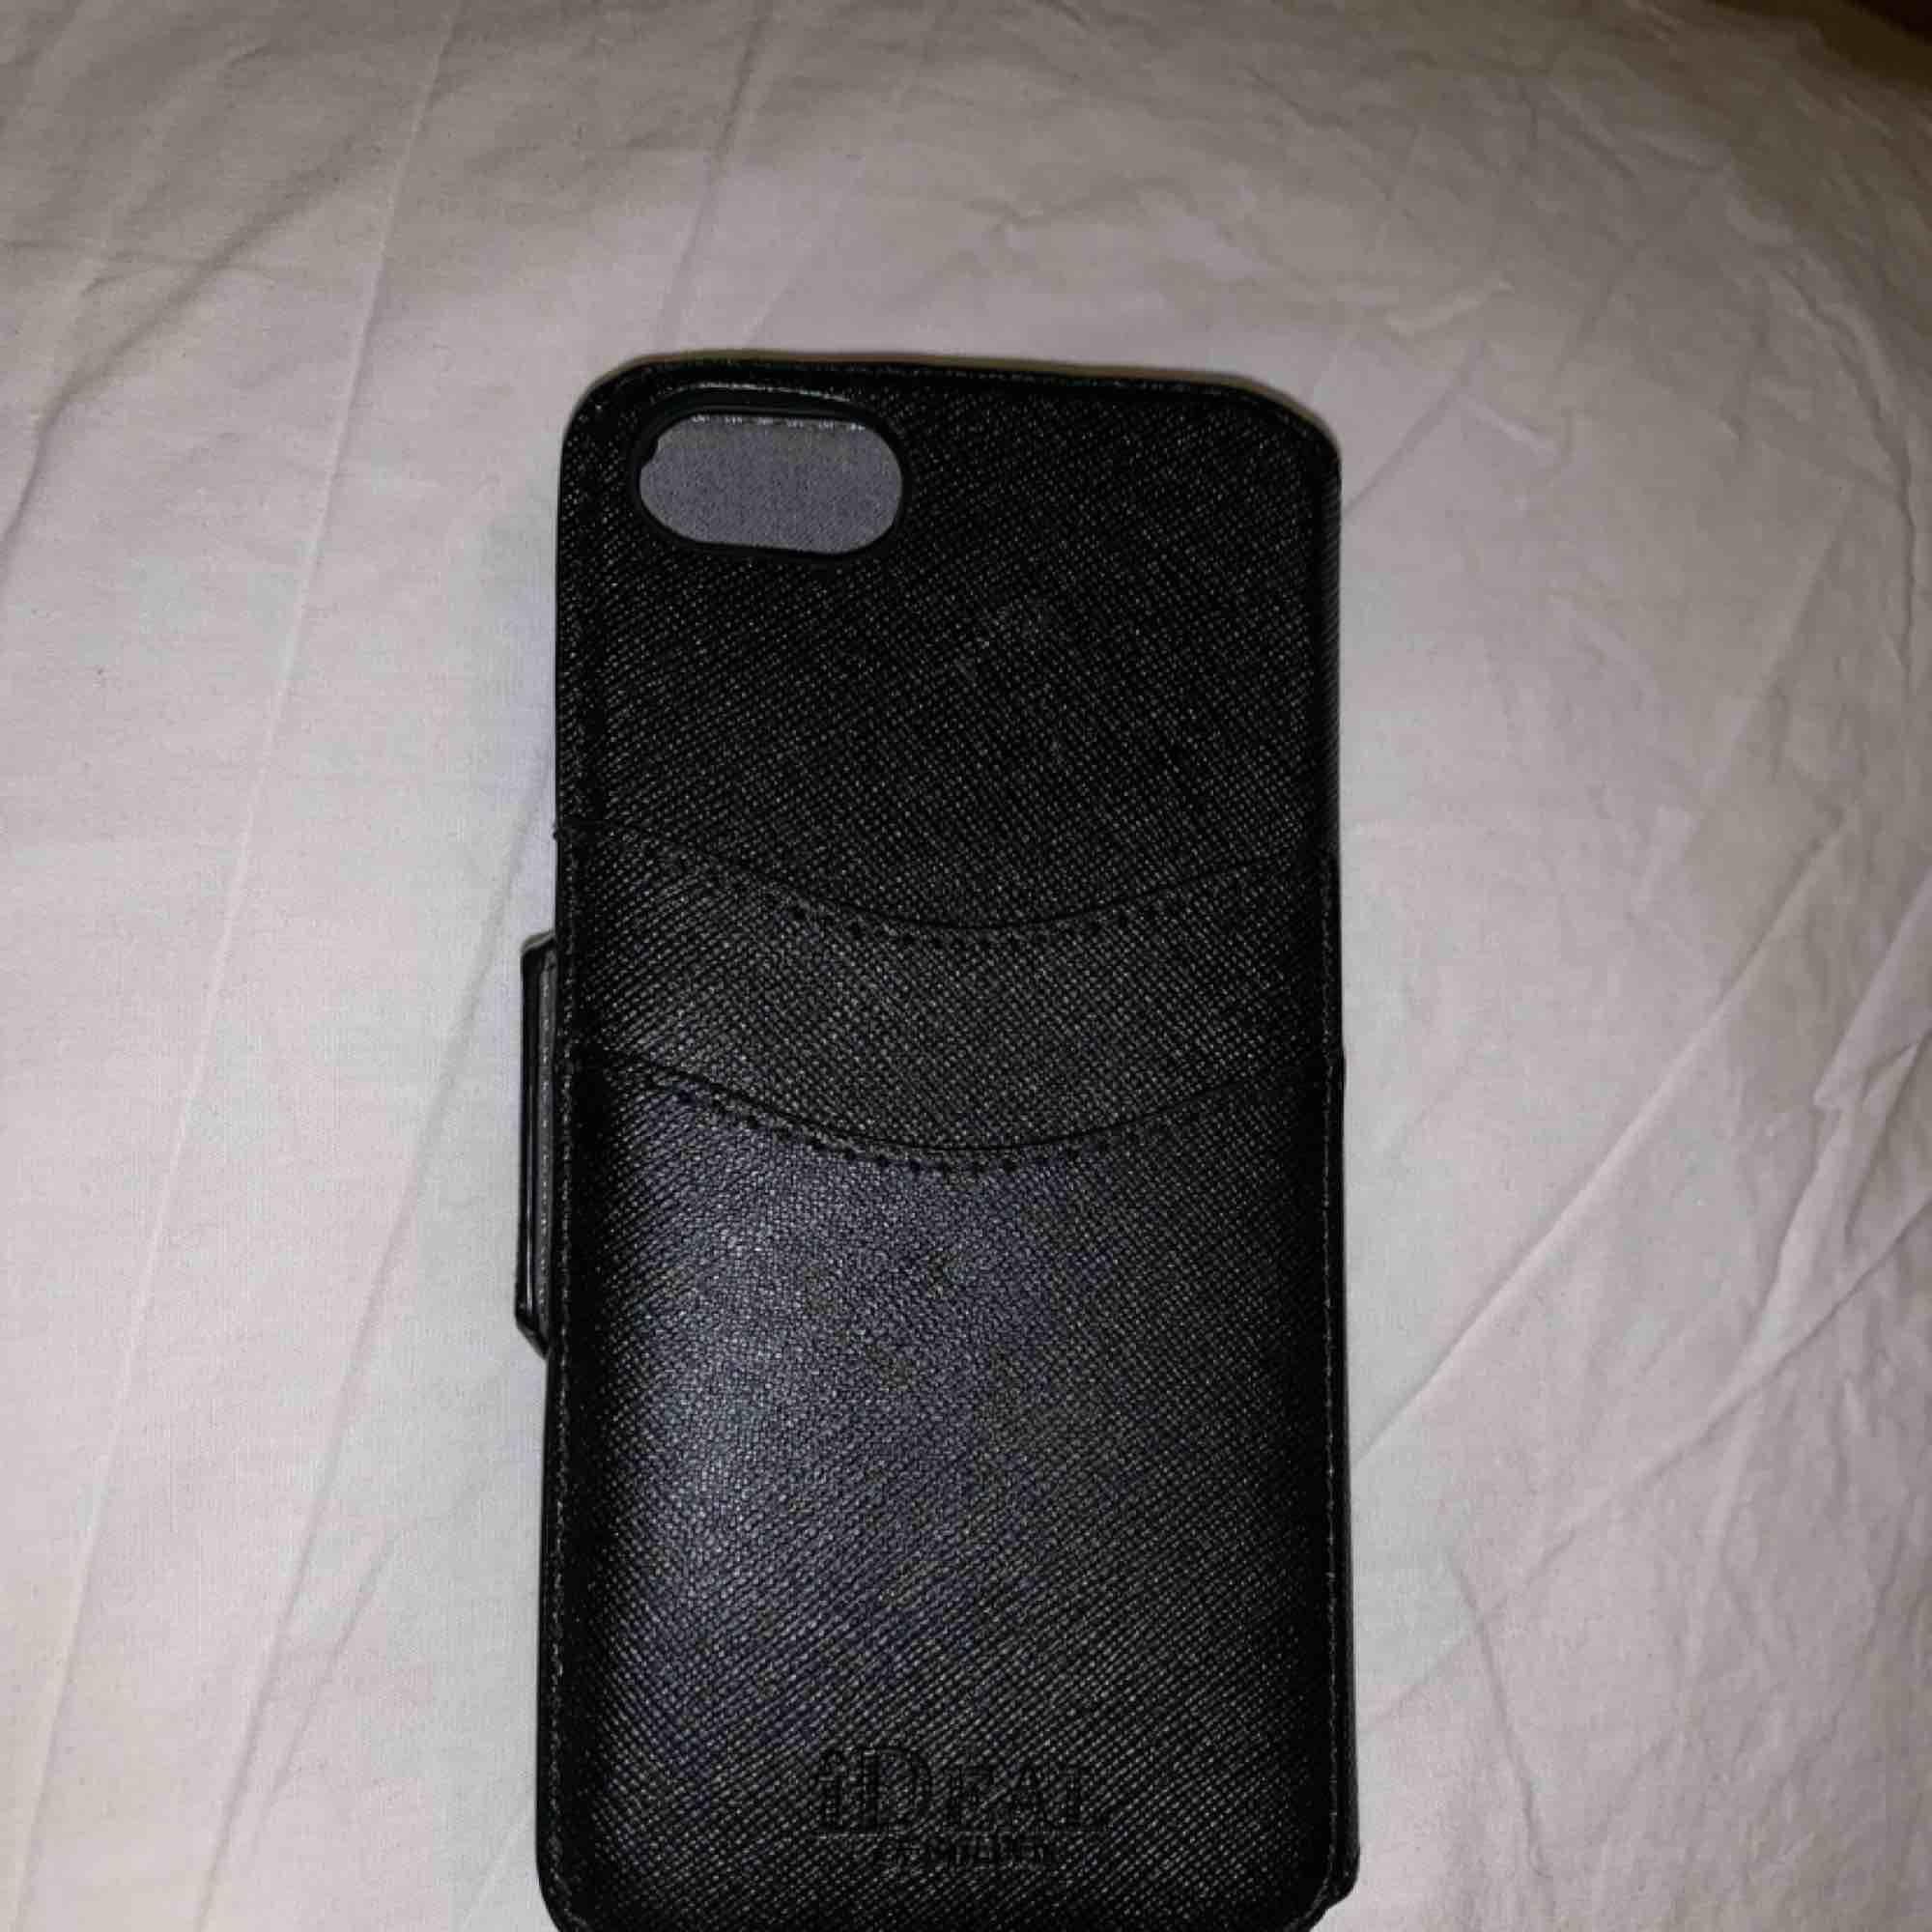 Helt oanvänd plånboks fodral, med avtagbart skall från Ideal of sweden Passar IPhone 7 och 8  Plats till två kort på baksidan  Orginalpris: 399 ( köpt på ur & Penn) Mitt pris: 250  frakten ingår, snabb affär 200. Accessoarer.